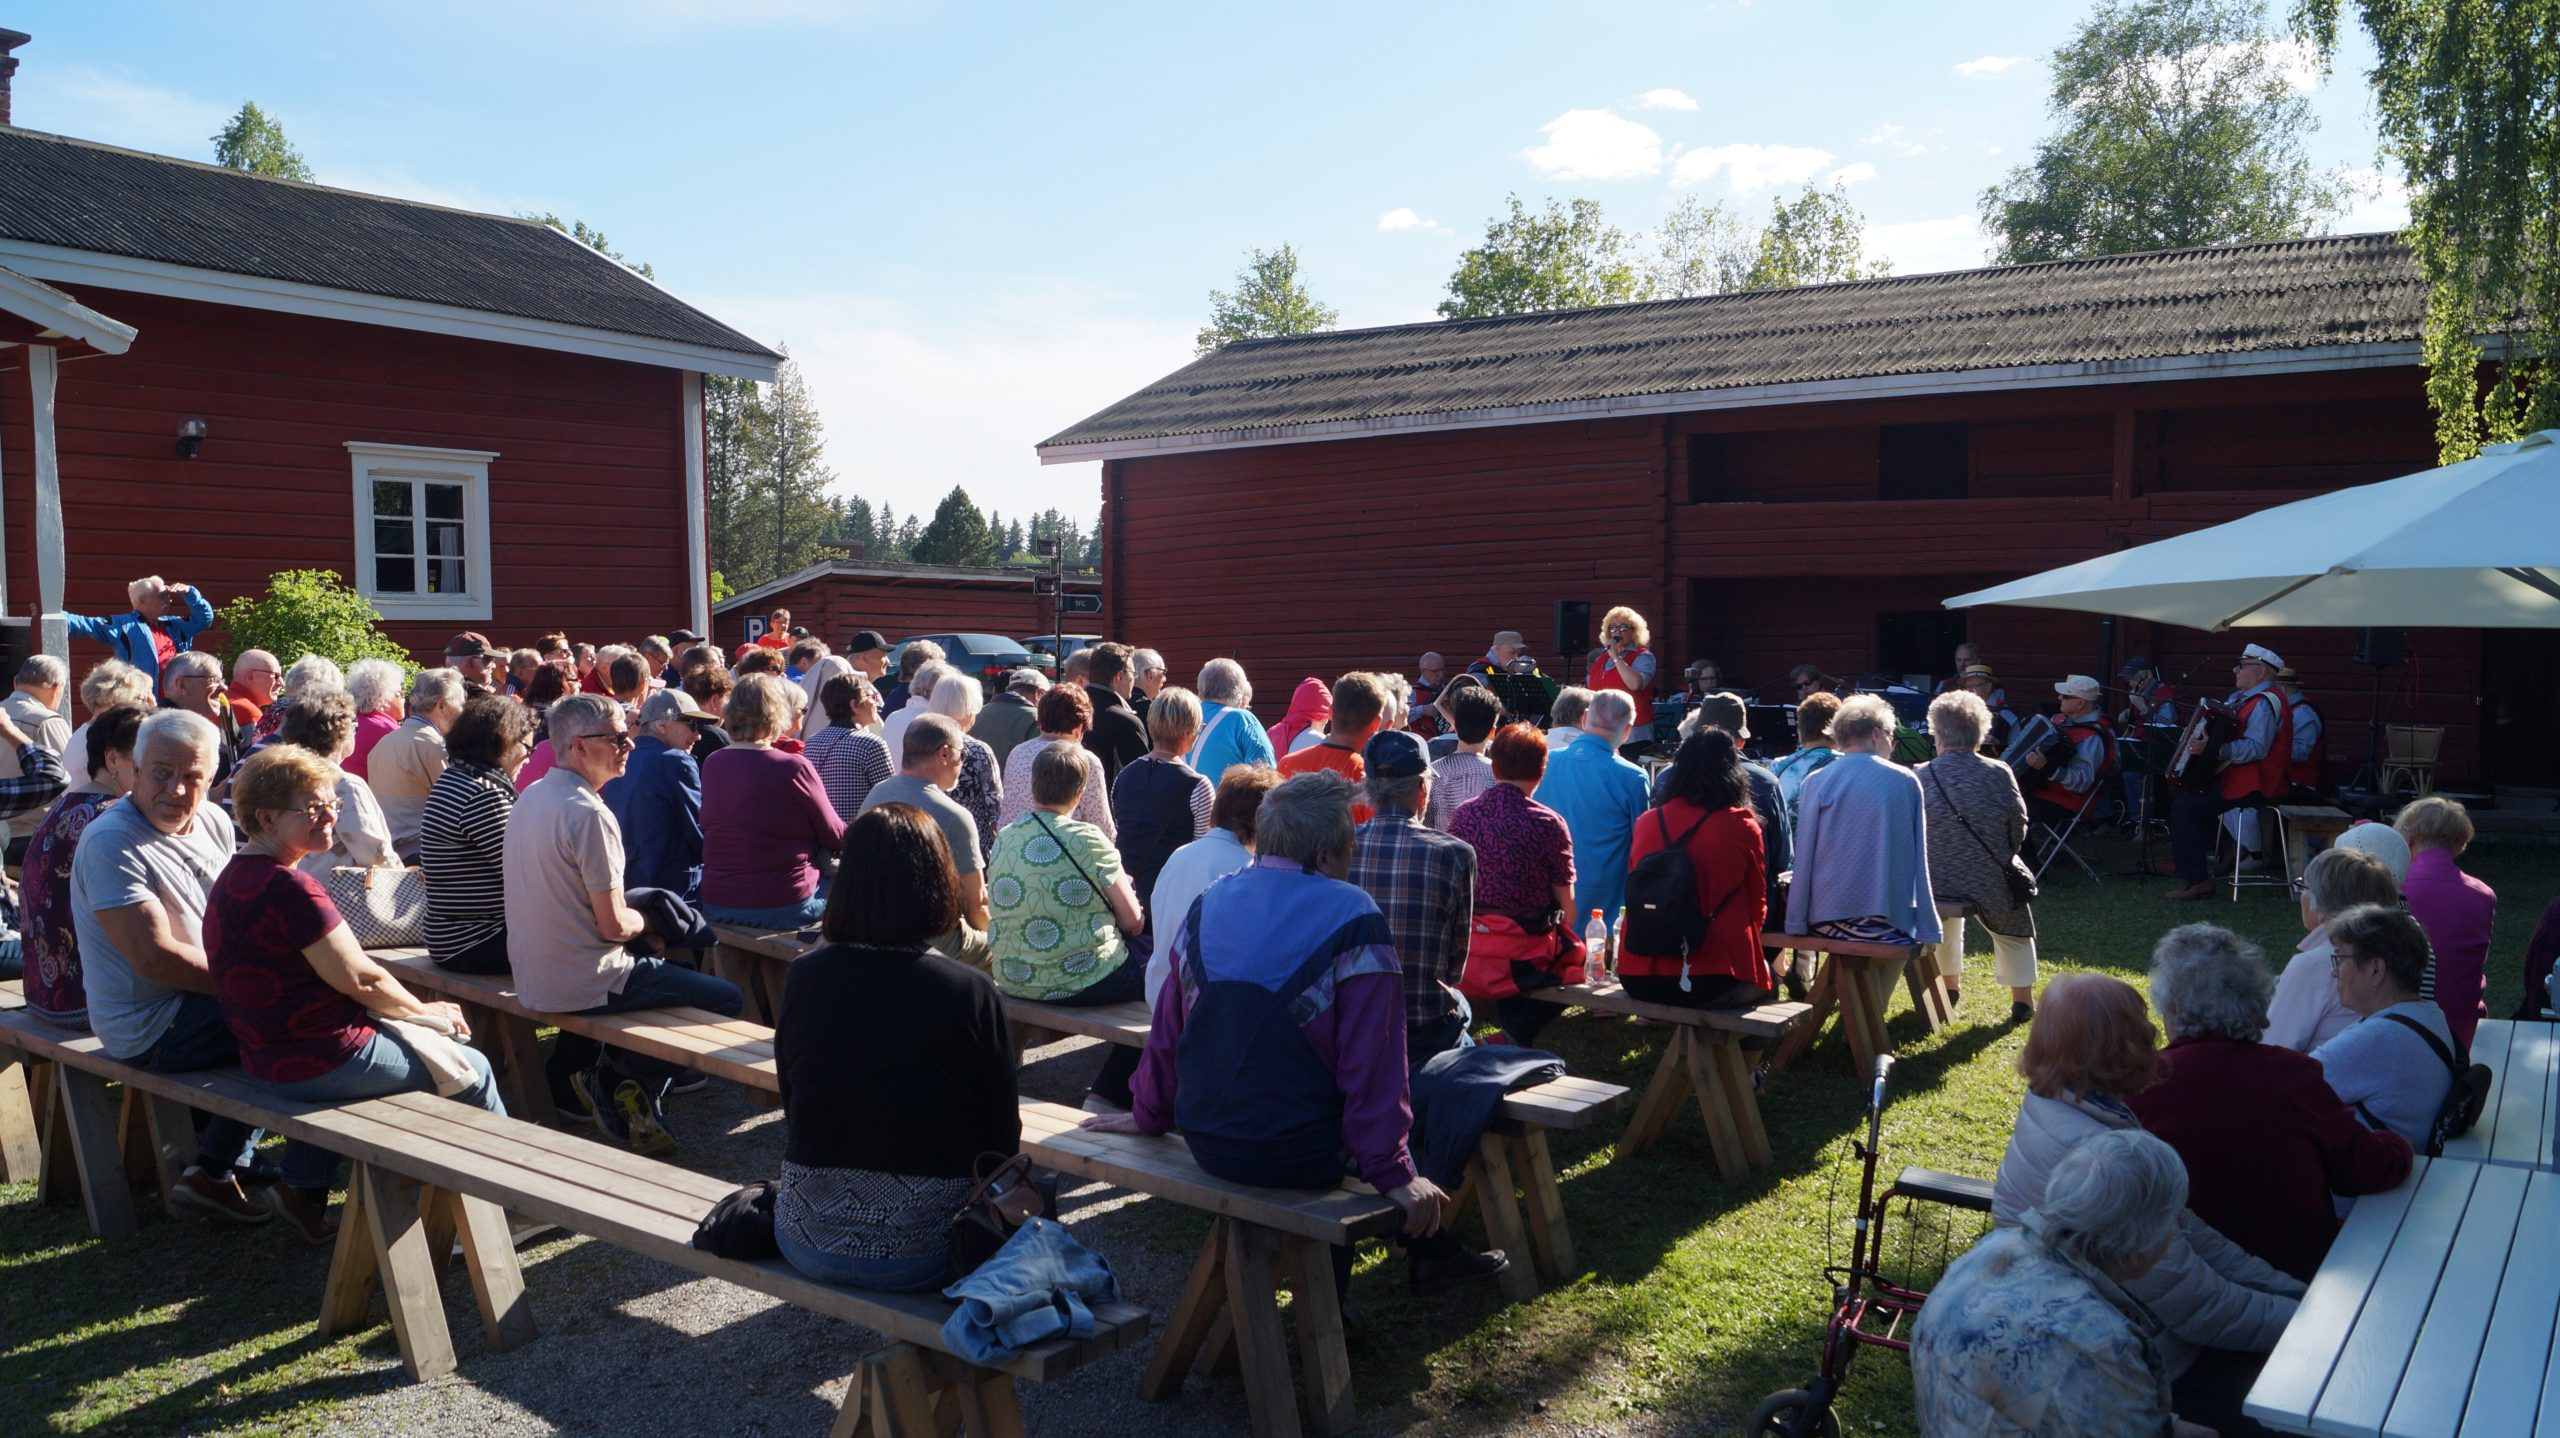 Hinttalan kotiseutumuseon sisäpihalle on kokoontunut runsaasti ihmisiä yhteislaulutilaisuuteen kesäiltana. Ihmiset istuvat pitkillä puupenkeillä ja edessä esiintyy Nokian Harmonikkakerho solisteineen.